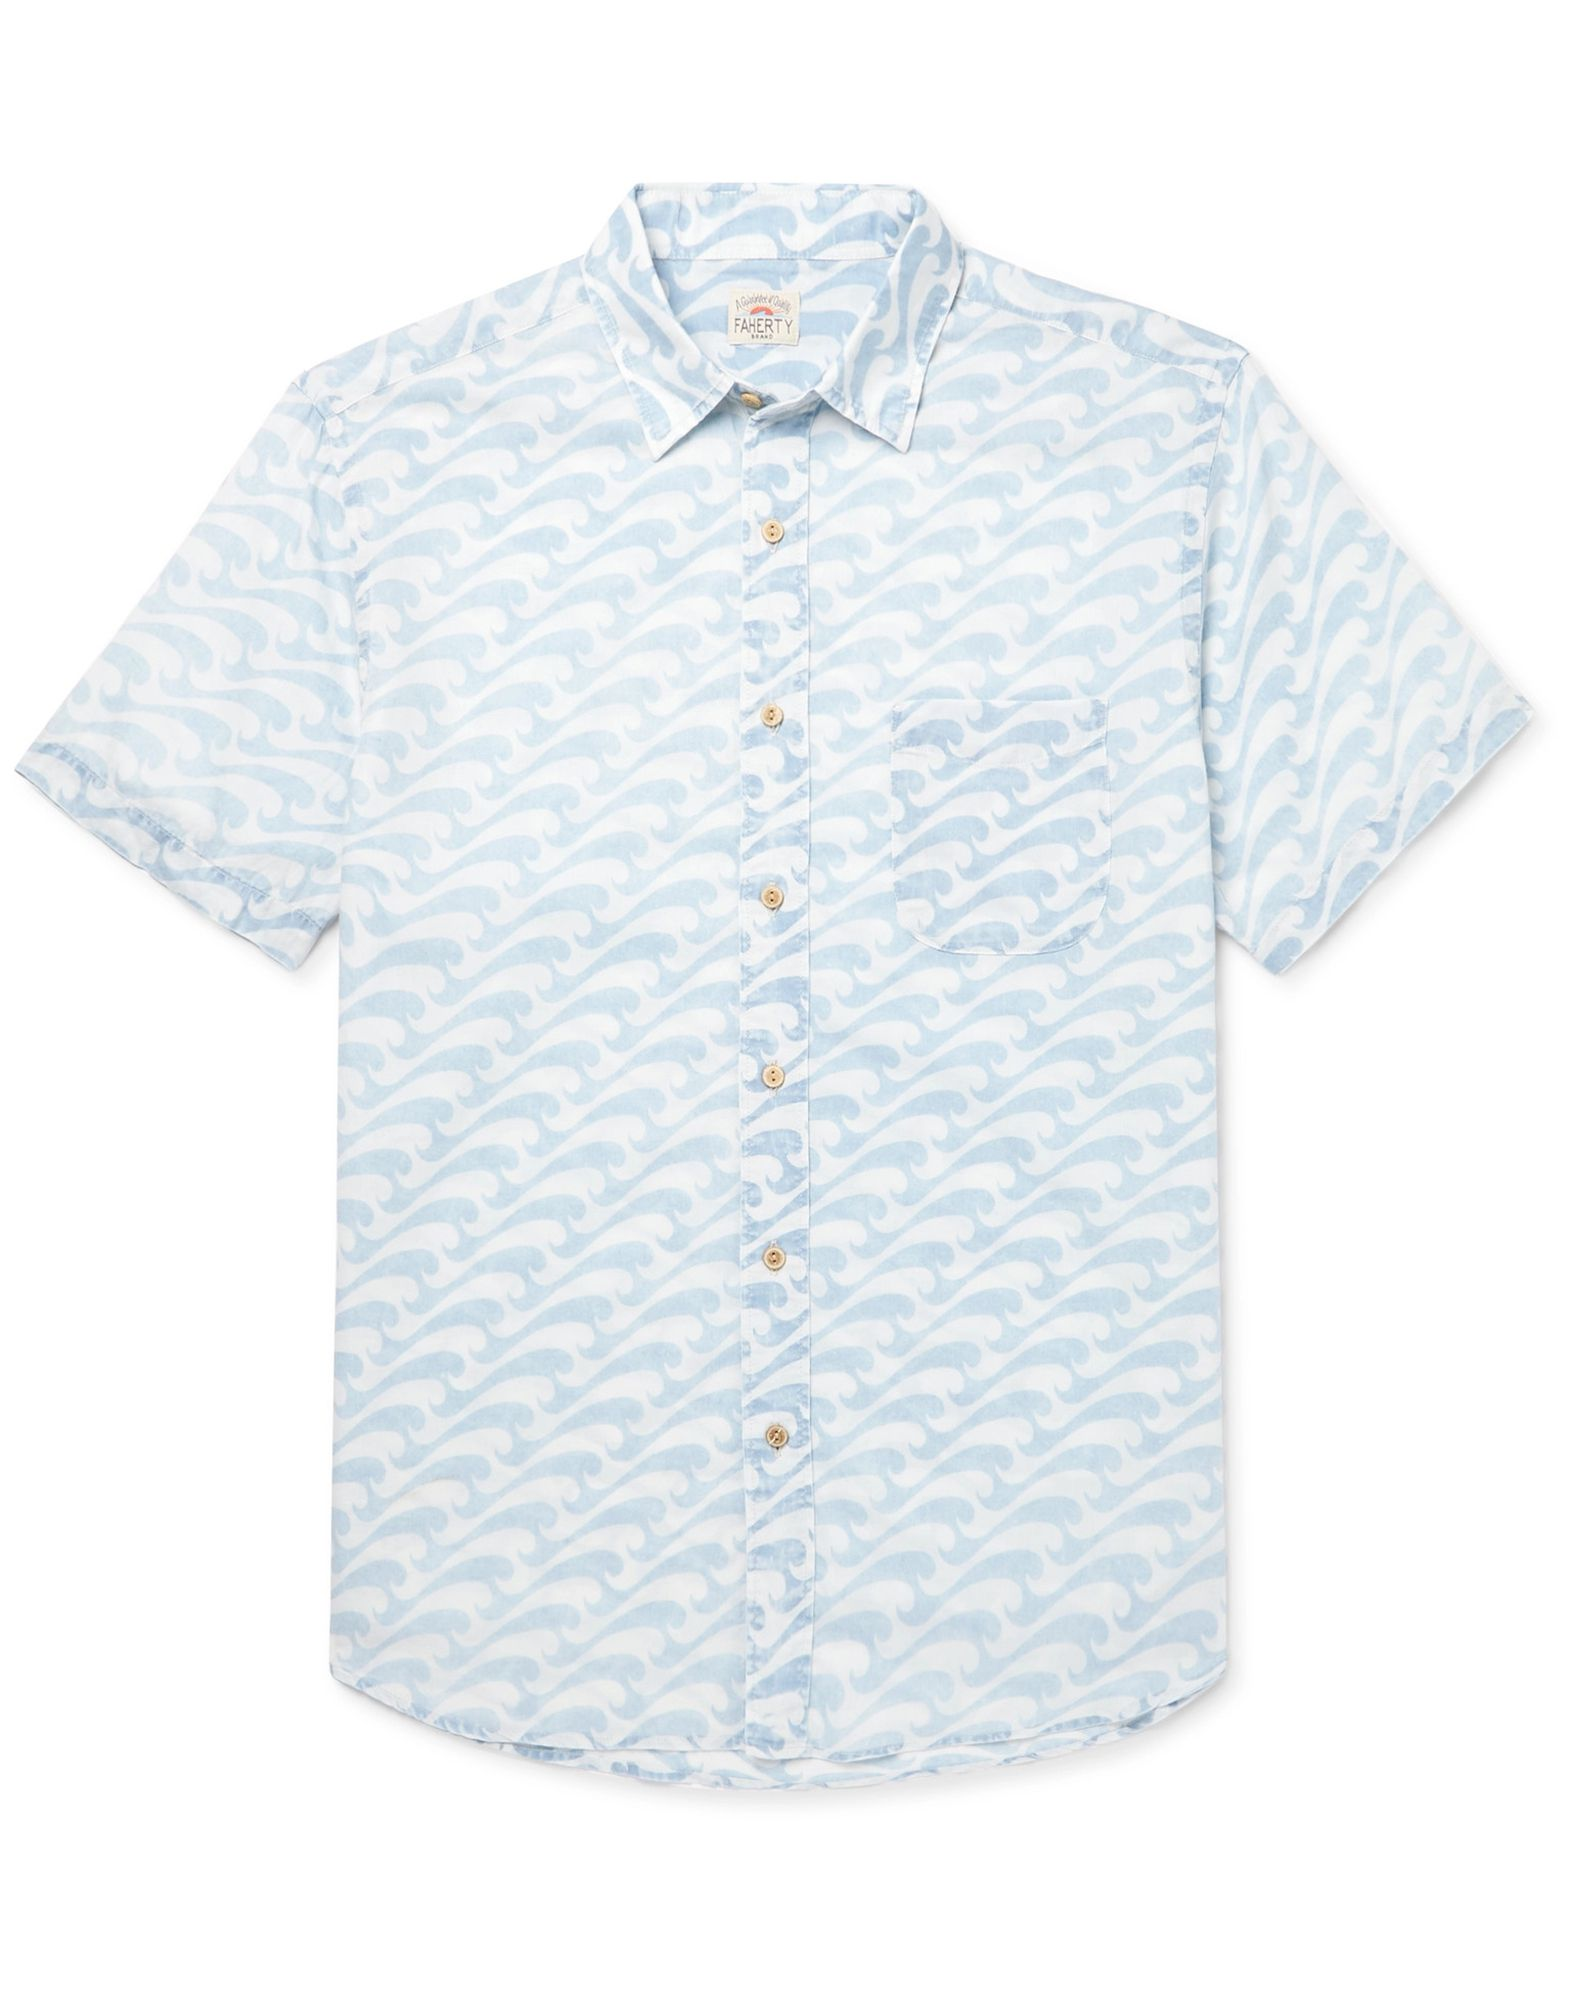 FAHERTY Shirts. plain weave, no appliqués, paisley-print, front closure, button closing, short sleeves, classic neckline, single chest pocket. 100% Cotton